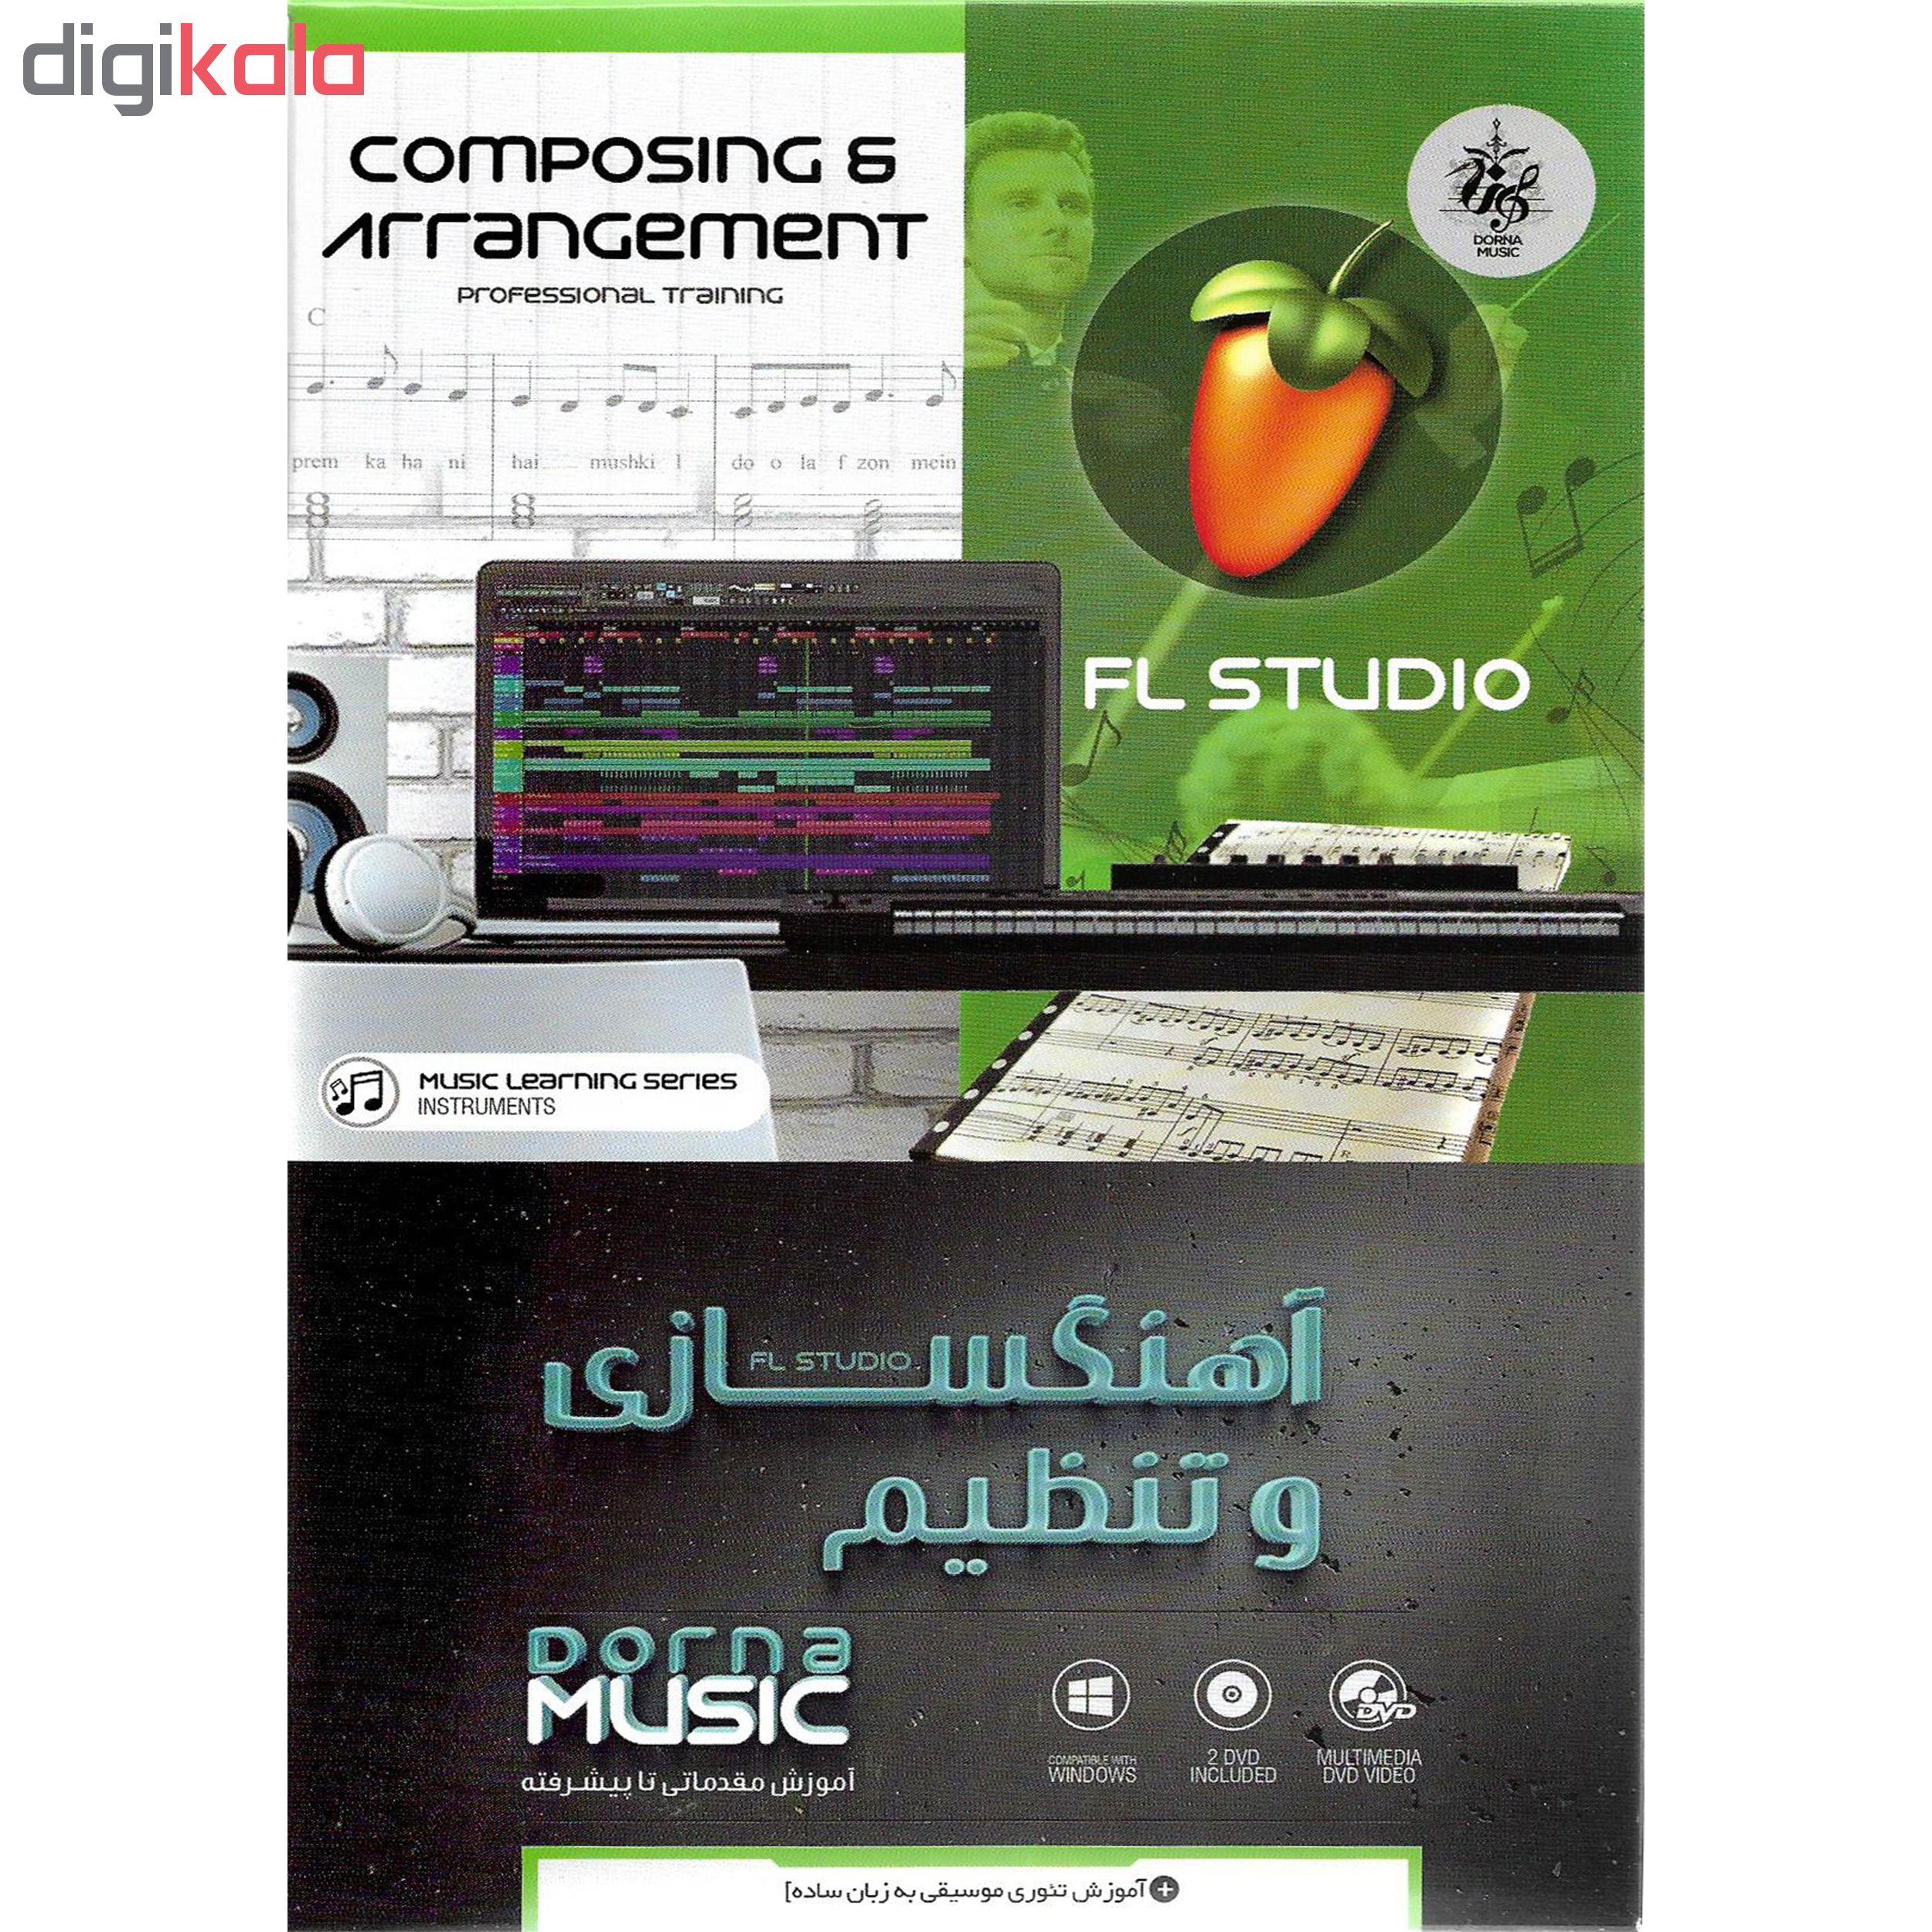 نرم افزار آموزش آهنگ سازی و ویرایش صدا نشر پدیده به همراه نرم افزار آموزش آهنگسازی و تنظیم نشر درنا